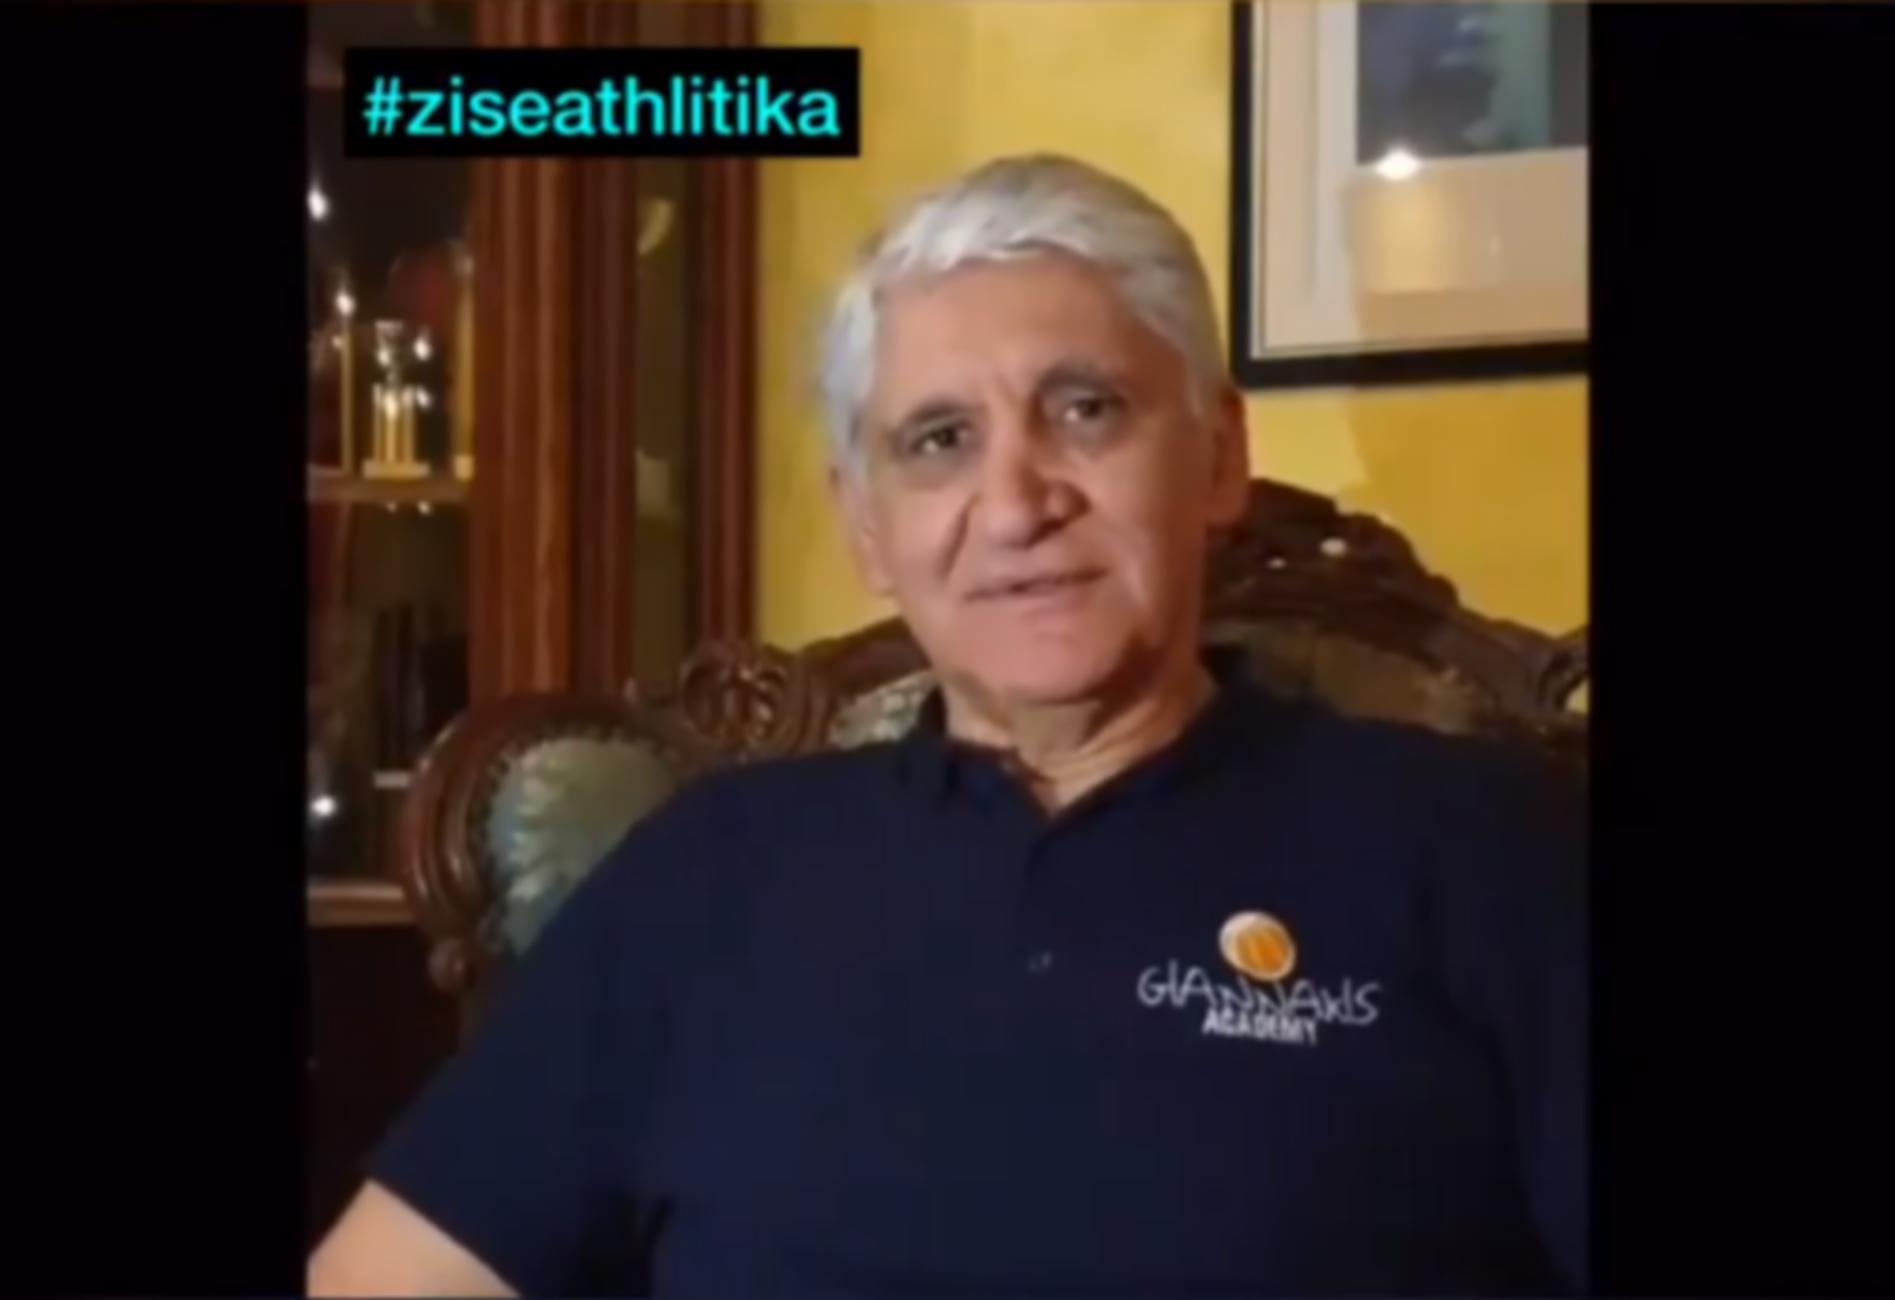 Κορονοϊός: Κορυφαίος Γιαννάκης ζητάει από τους Έλληνες να δώσουν ασίστ (video)